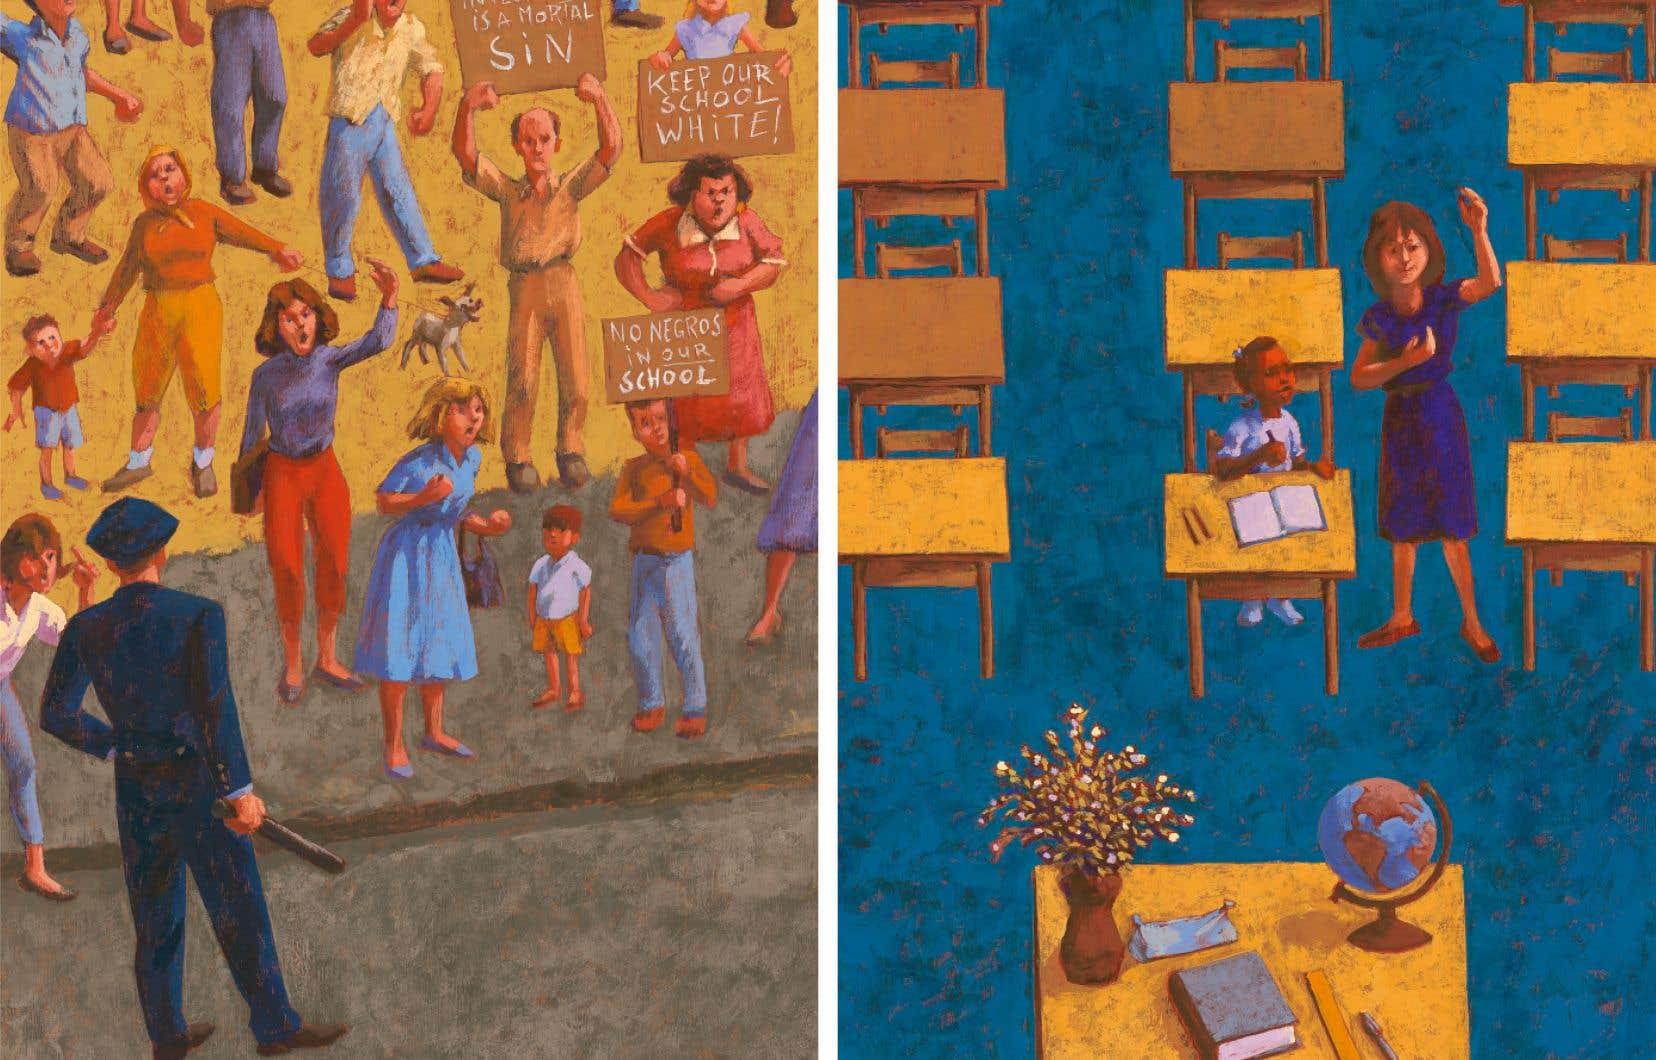 Respectant le style hyperréaliste de Norman Rockwell, l'illustrateur Marc Daniau joue de contrastes profonds entre les couleurs, explore les perspectives qui ajoutent à l'évocation.